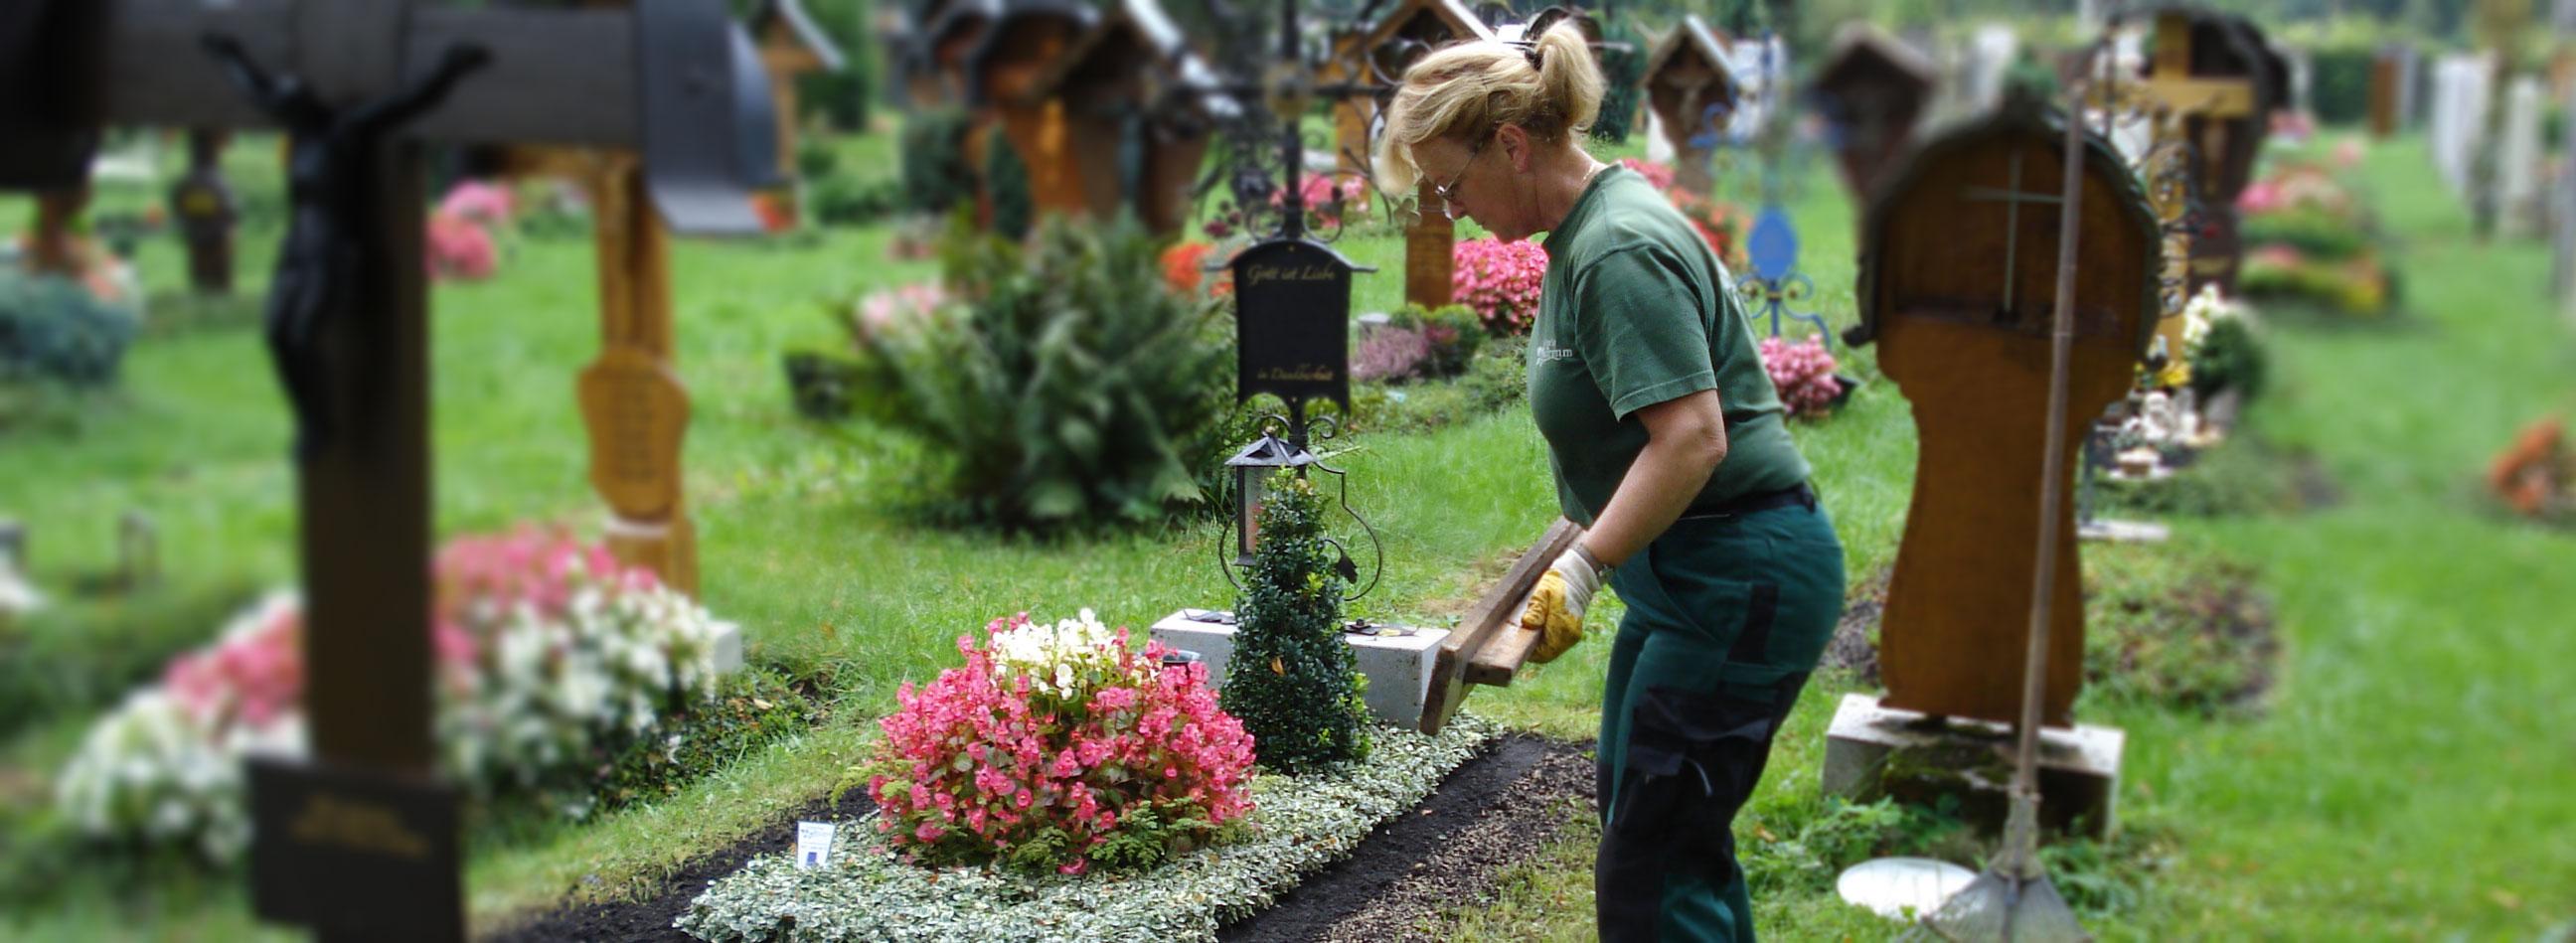 Allegemeine Grabpflege und Grabneuanlage Michael Brumm München